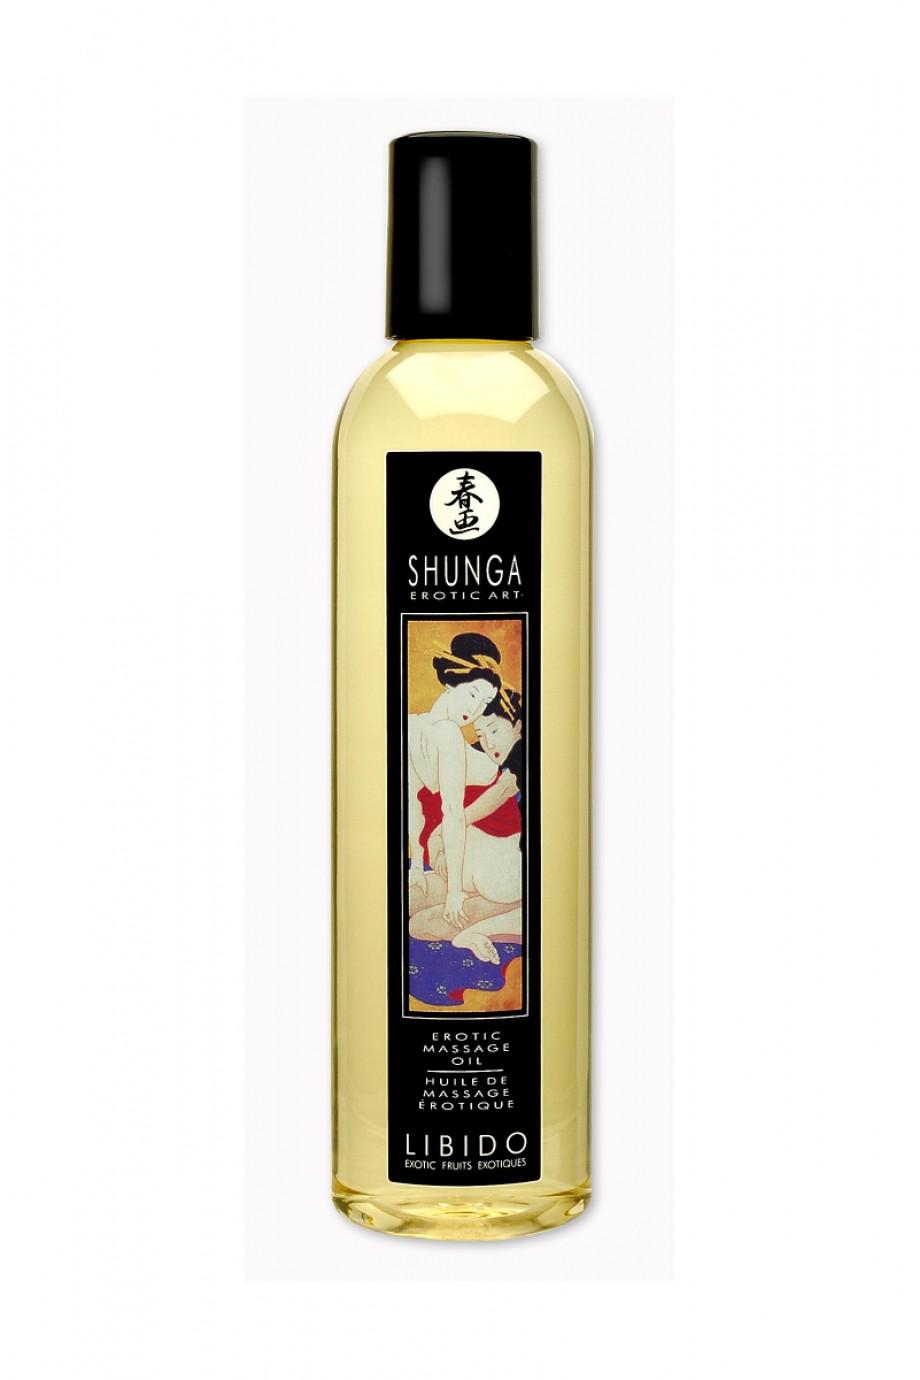 Масло для массажа Shunga Либидо «Экзотические фрукты», натуральное, возбуждающее, с фруктовым ароматом, 250 мл